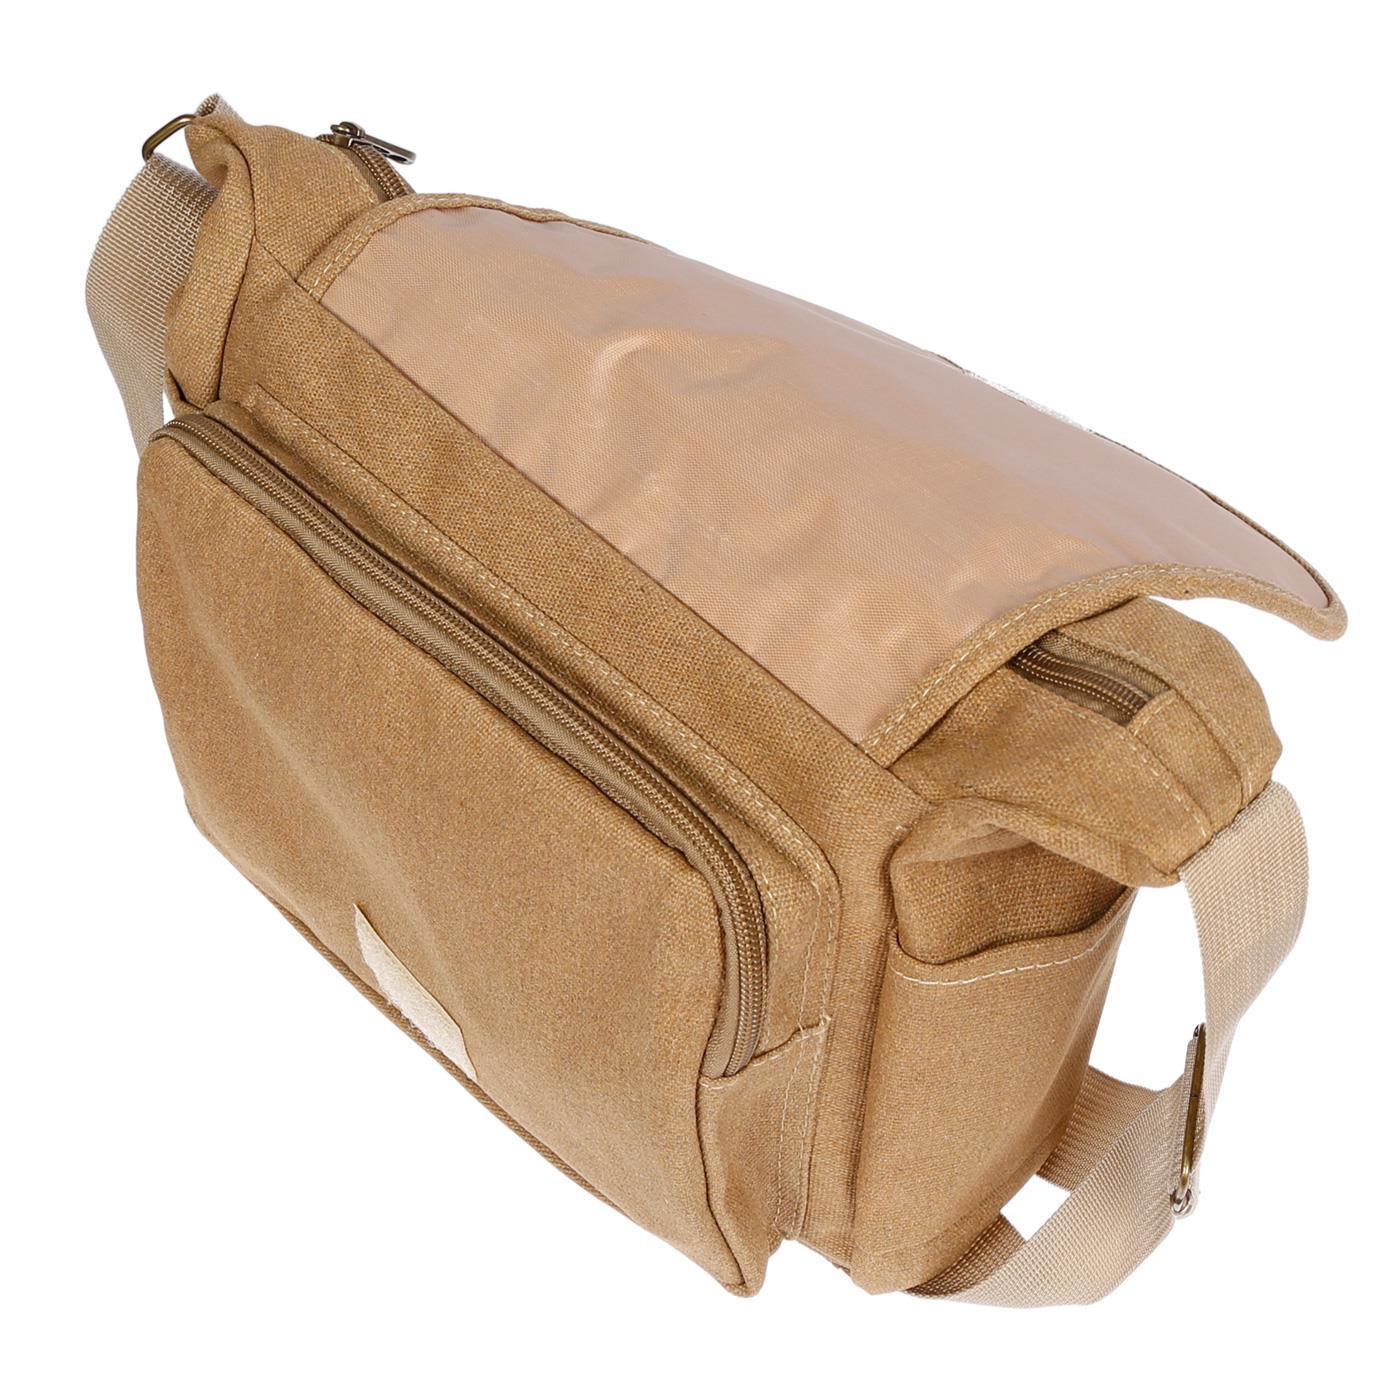 Damen-Tasche-Canvas-Umhaengetasche-Schultertasche-Crossover-Bag-Damenhandtasche Indexbild 47